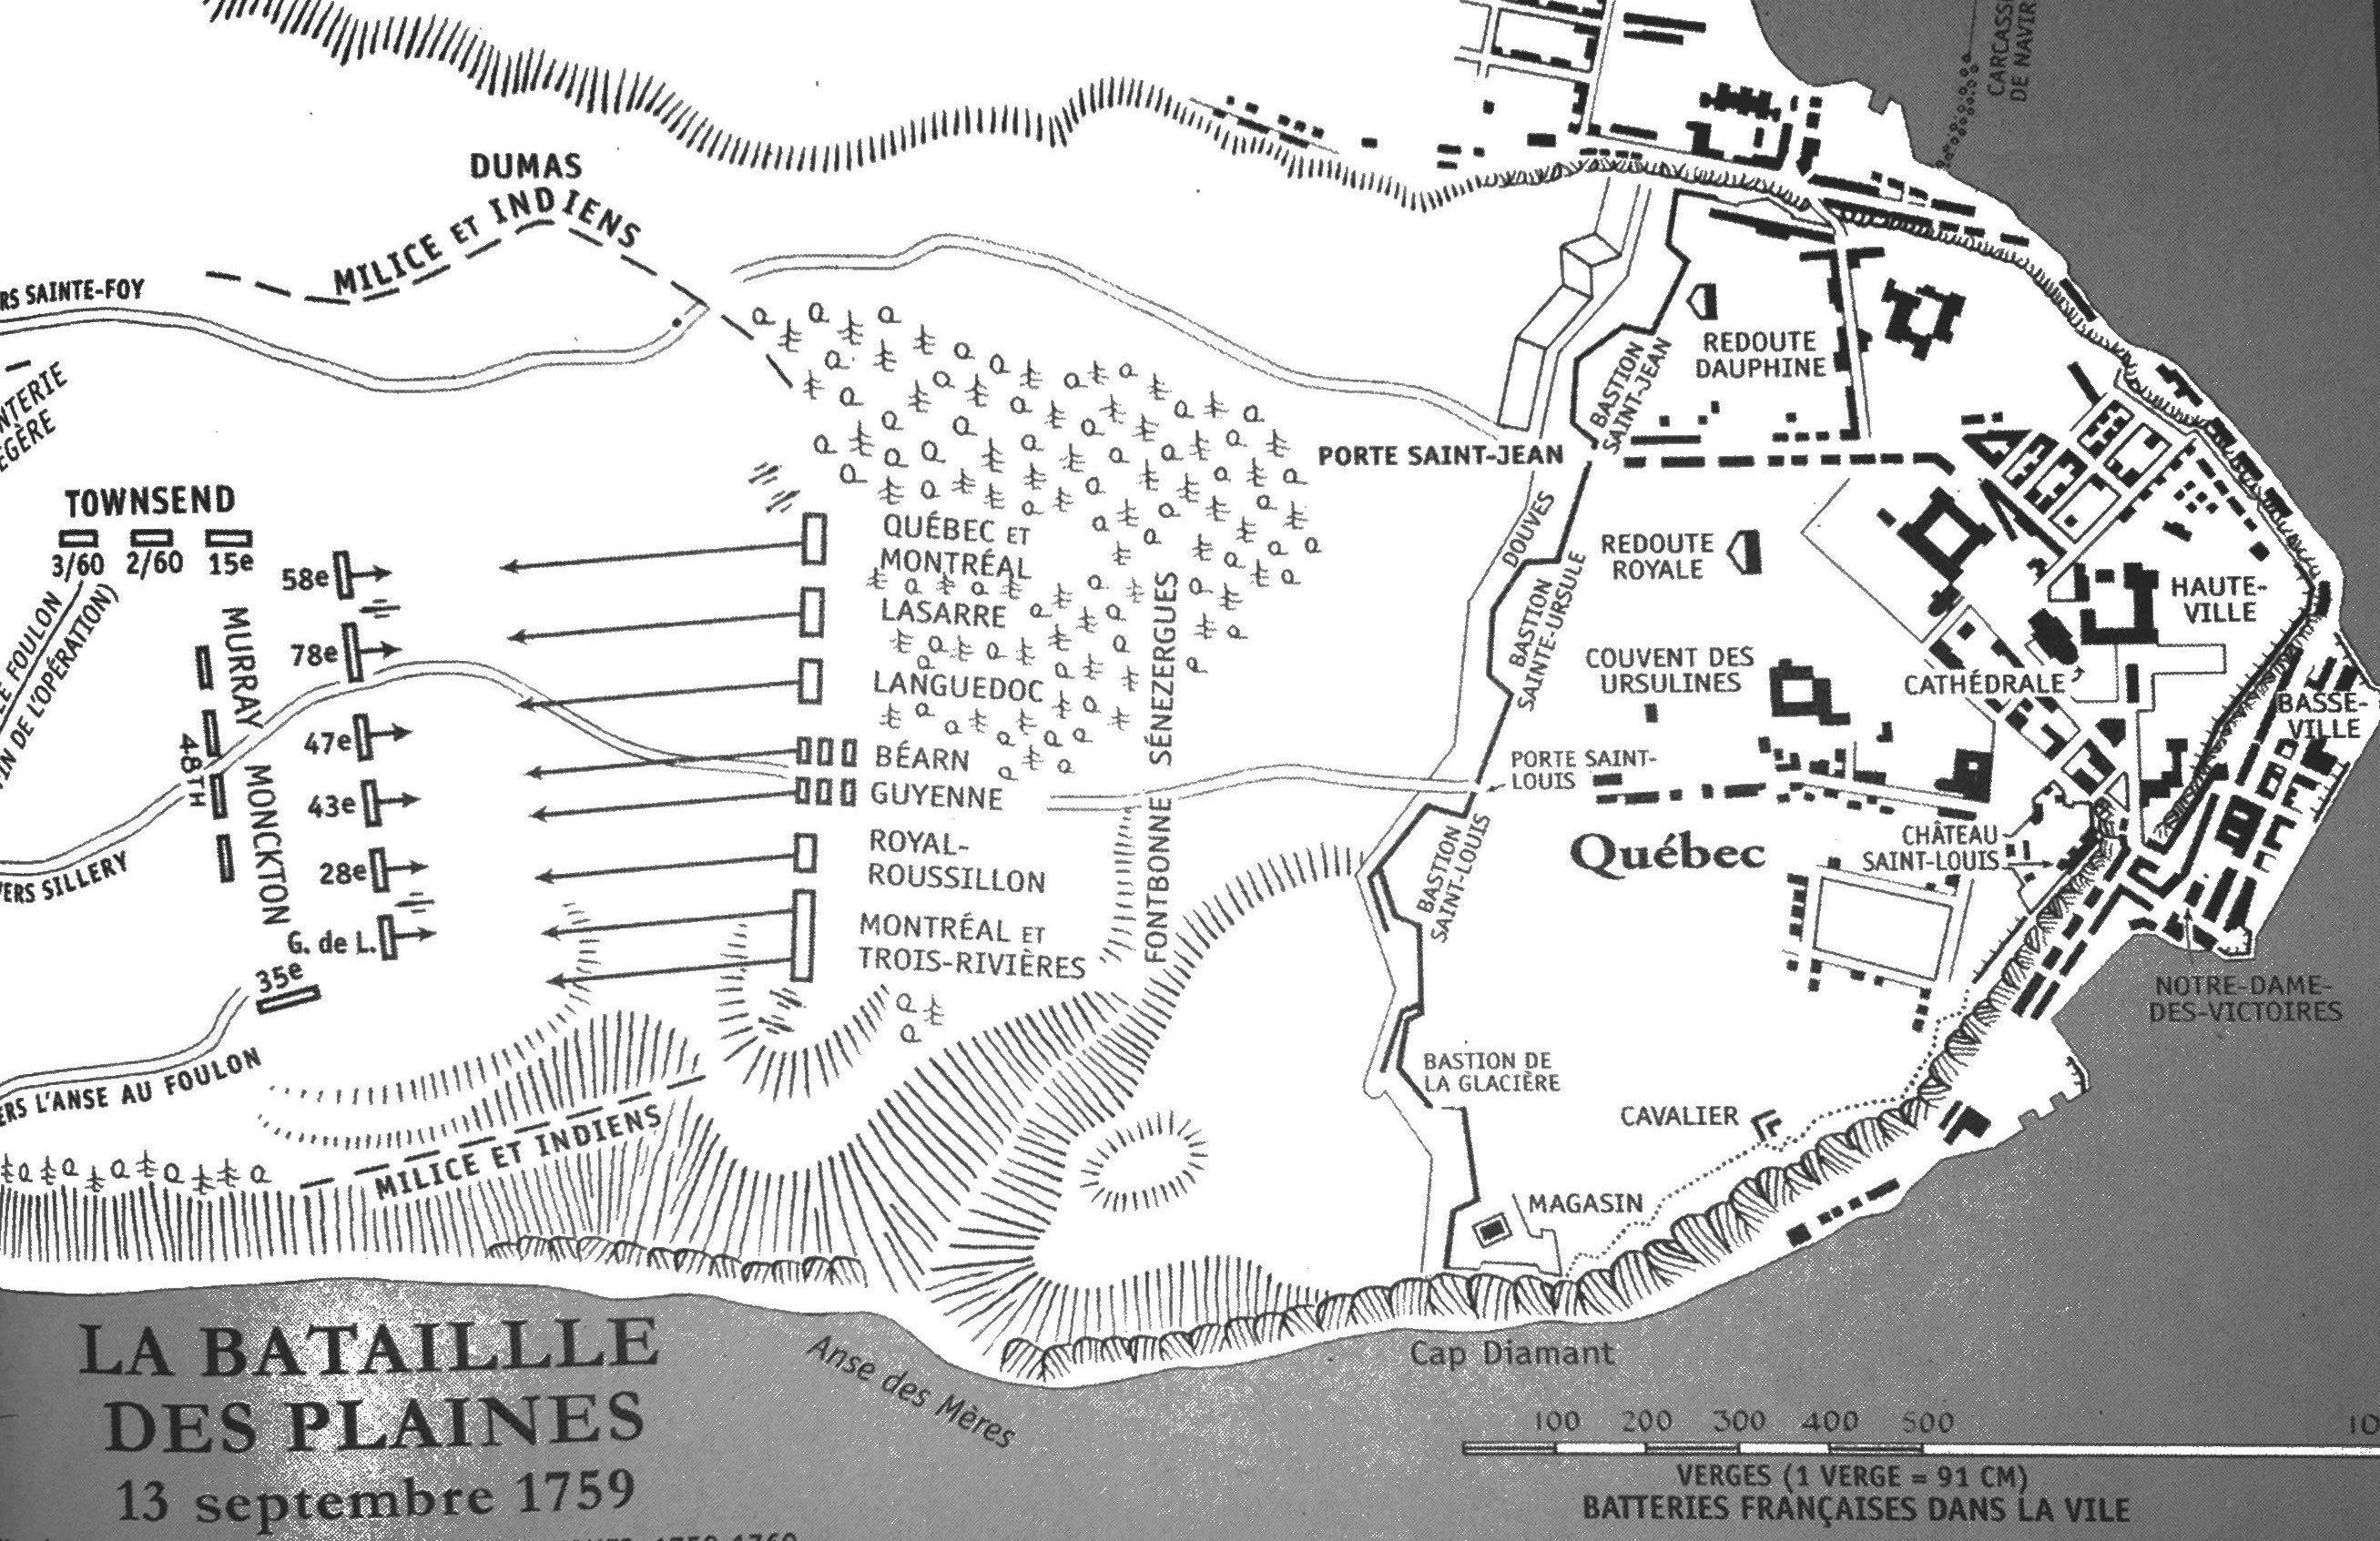 Le champ de bataille des plaines d'Abraham au matin du 13 septembre 1759. Selon les historiens, les forces en présence sont à peu près équivalentes. Les combats débutent vers 10h; après 30 minutes, le front franco-canadien cède sous la poussée des régiments anglo-écossais.